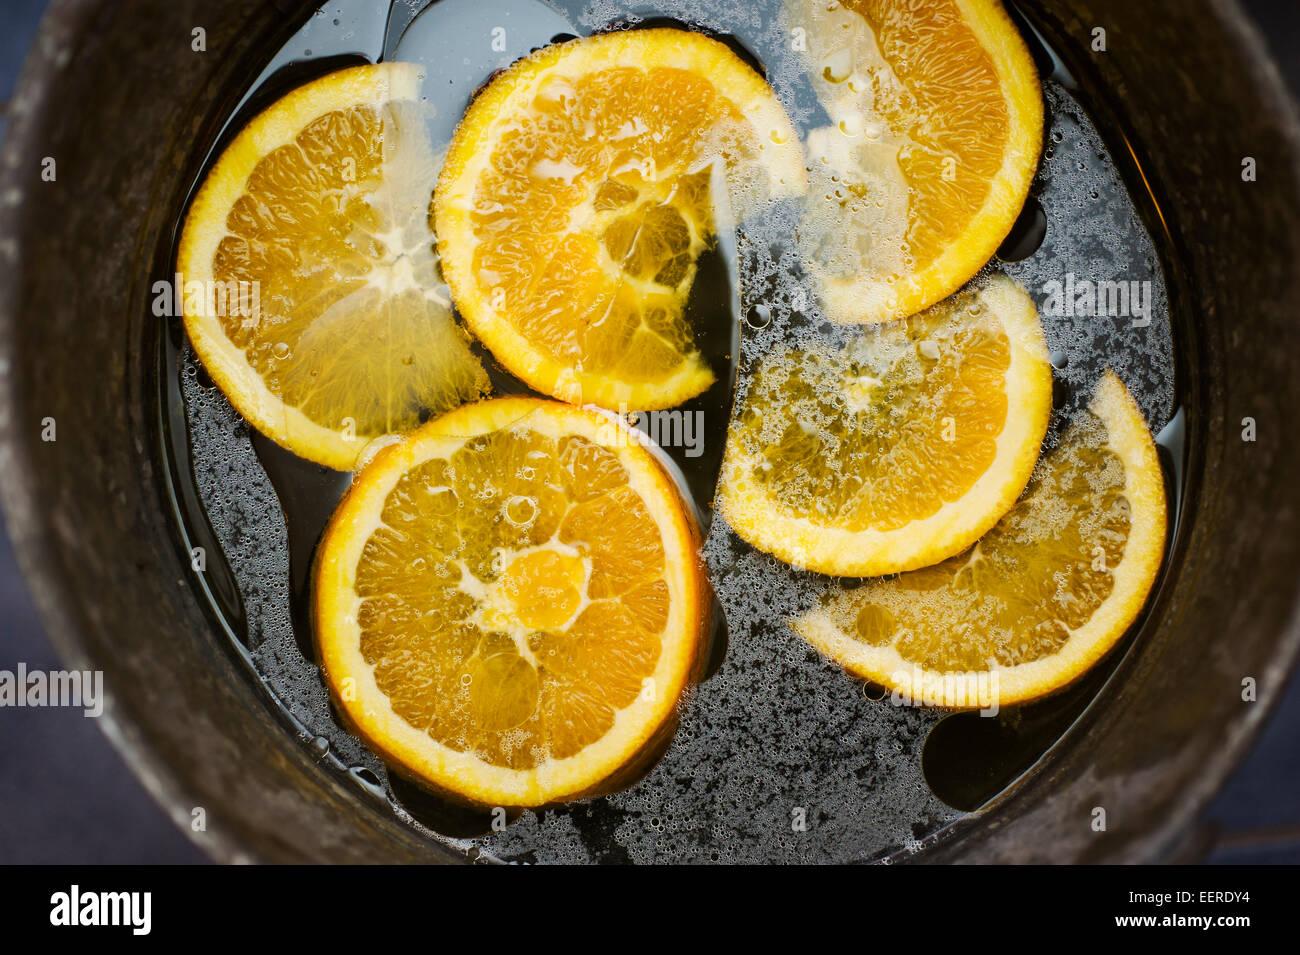 Oranges in footbath - Stock Image